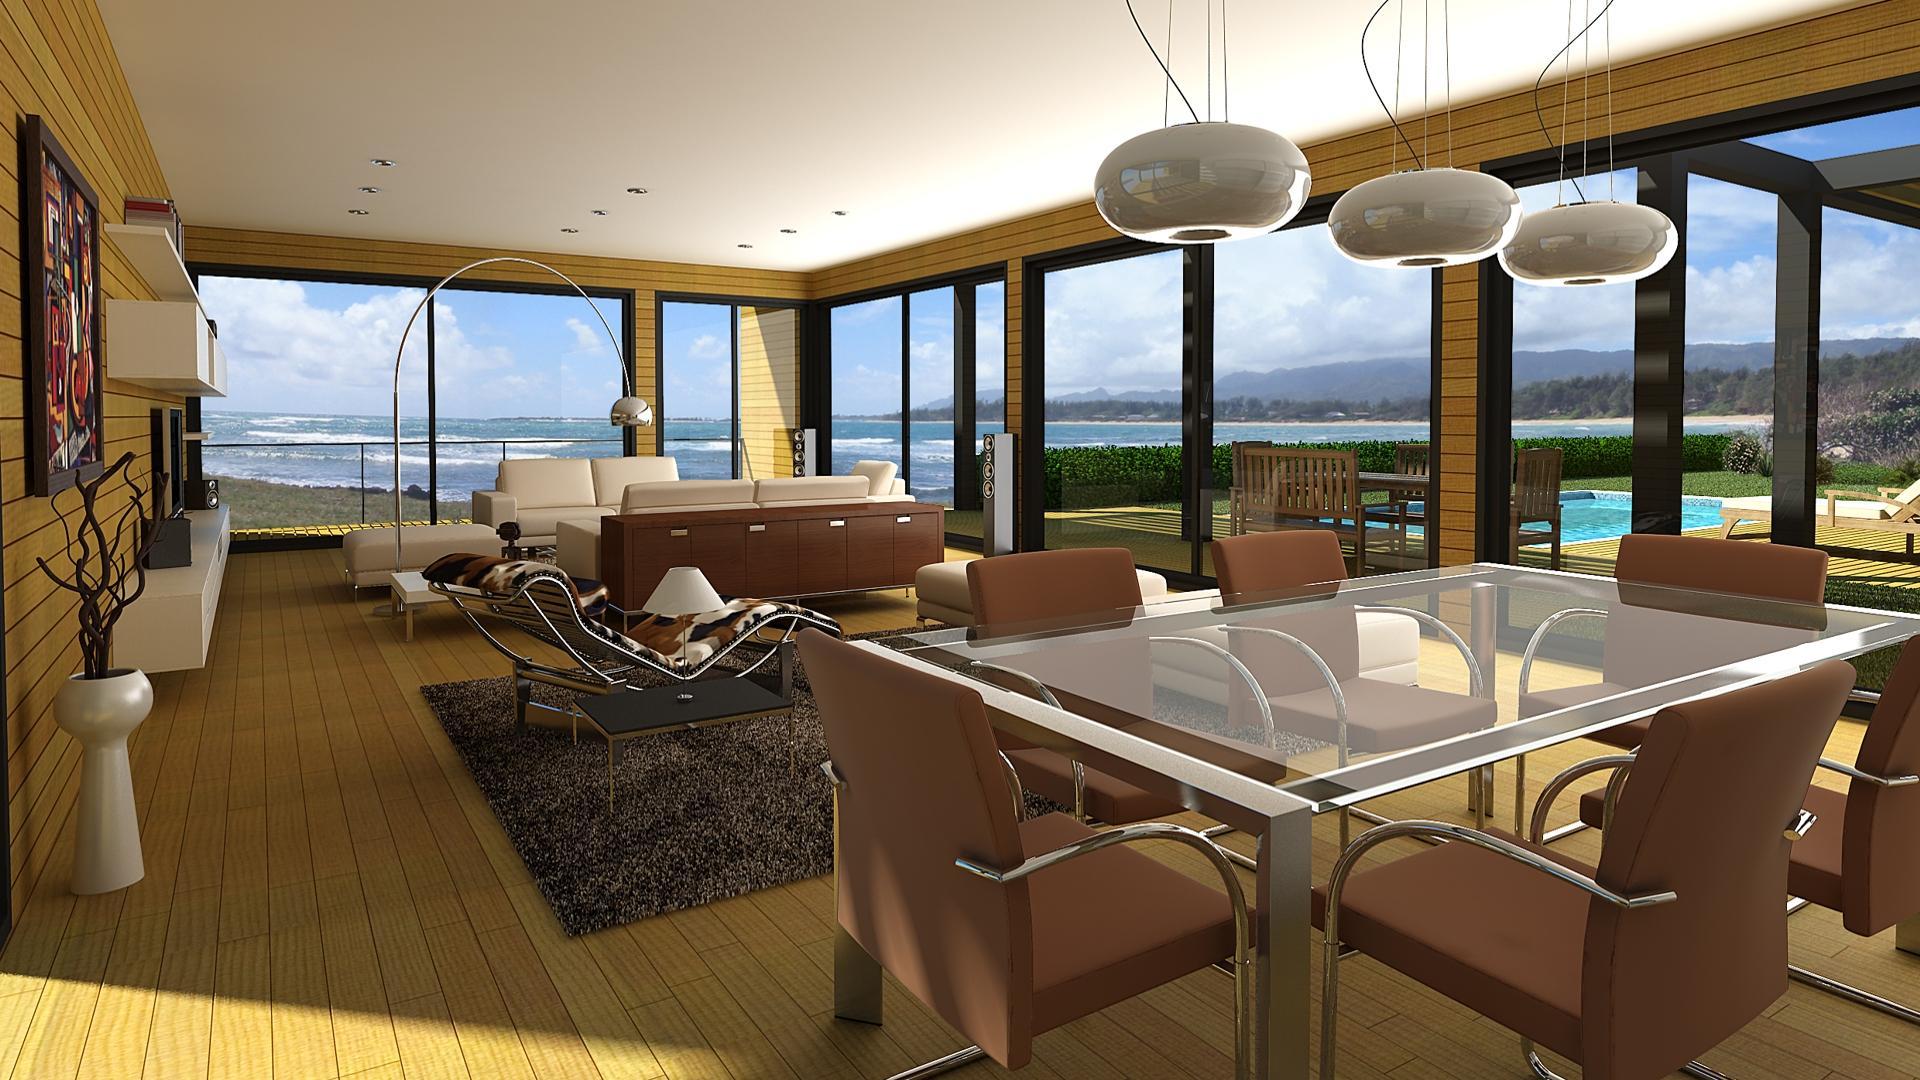 Projectos de arquitectura de casas modulares - Ihome casas modulares ...